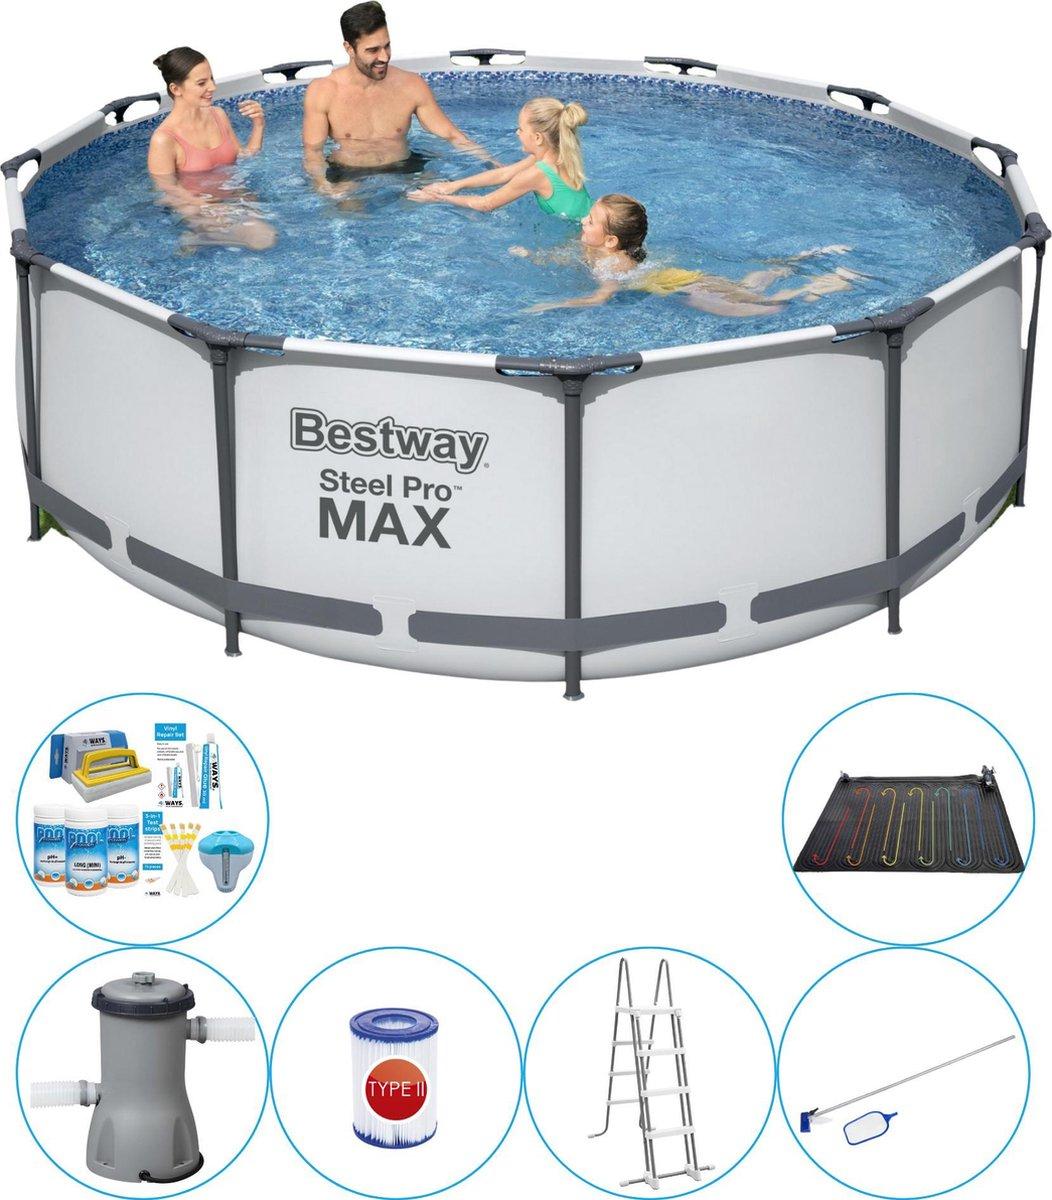 Bestway Steel Pro MAX Rond 366x100 cm - 7-delig - Slimme Zwembad Deal